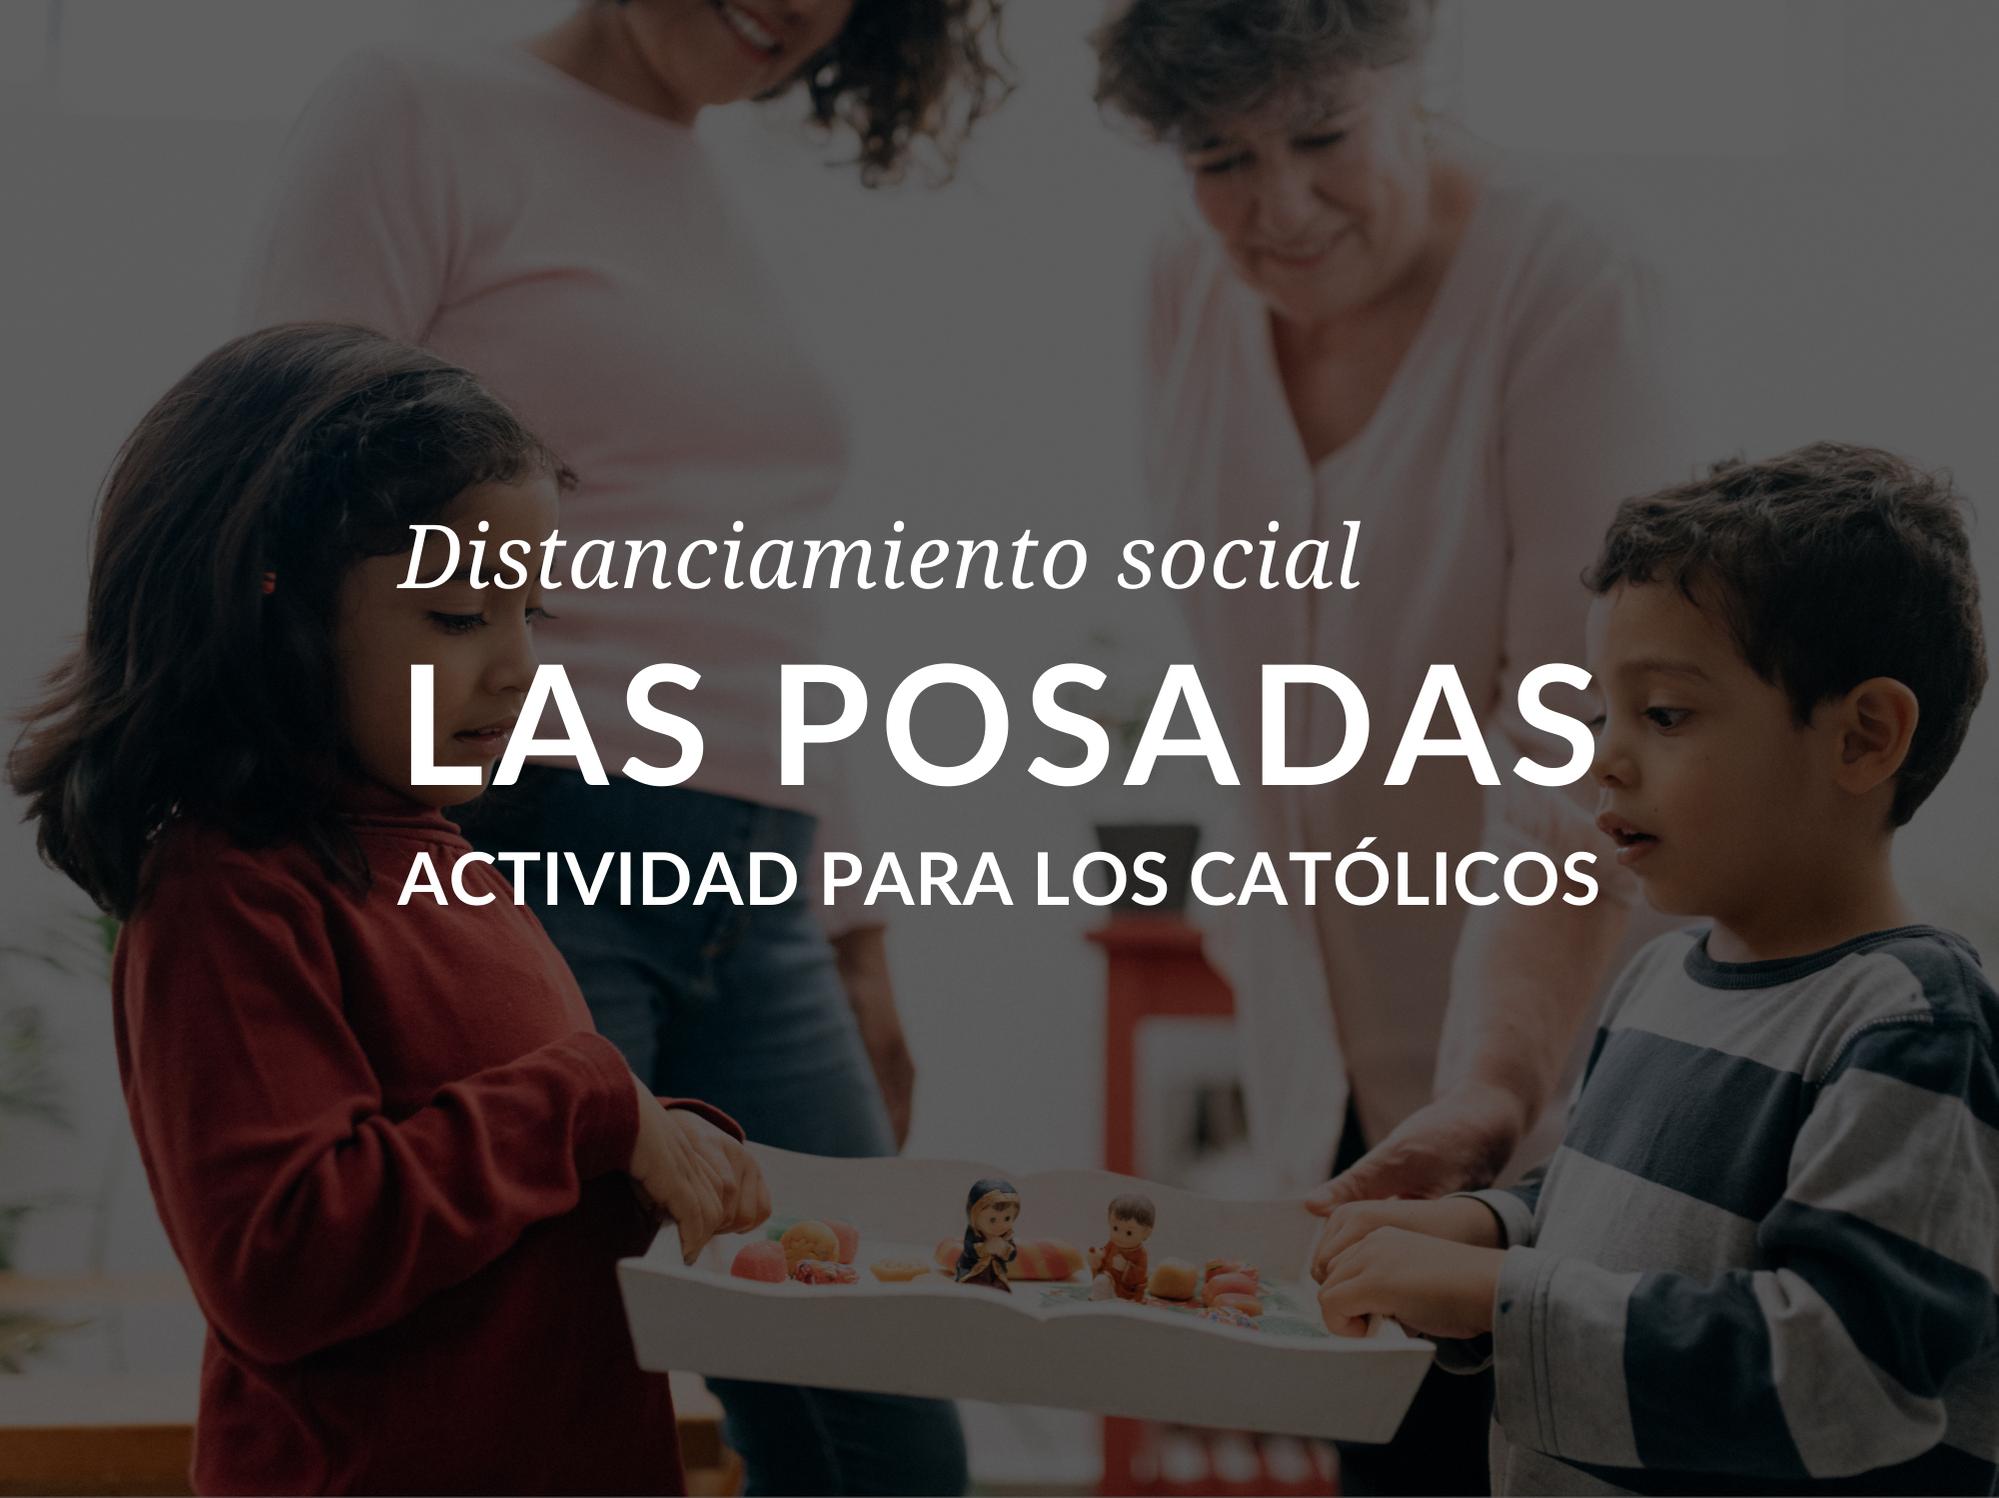 distanciamiento-social-las-posadas-actividad-para-los-catolicos